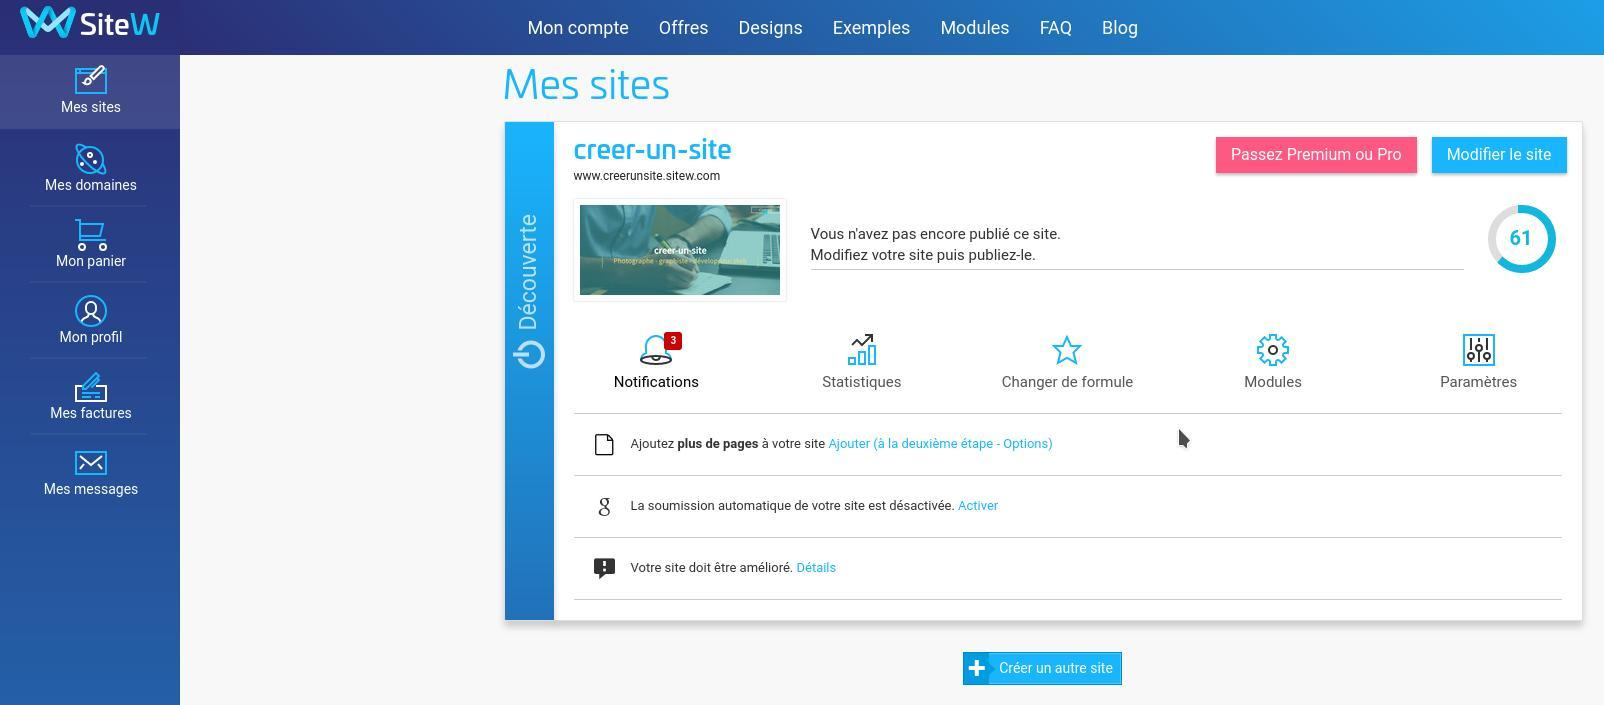 Backoffice de SiteW : liste des sites créés avec la plaforme d'édition de sites en ligne